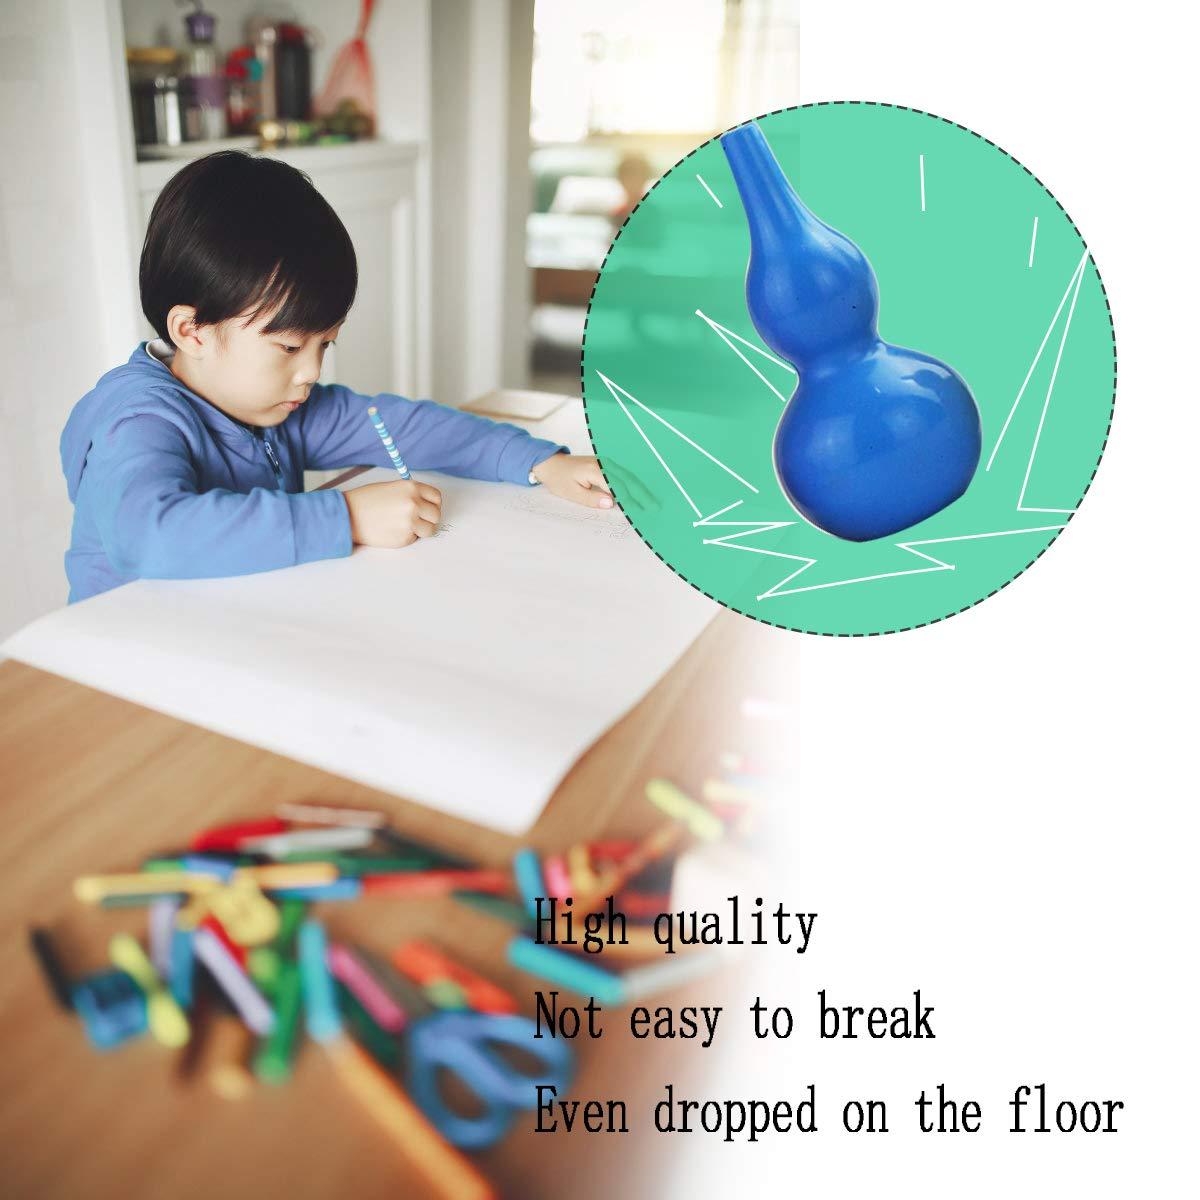 Kleinkinder Wachsmalstifte Handflächengriff Wachsmalstifte, 12 Farben Zeichenstift Wachsmalstifte Stapelbares Spielzeug für Kleinkinder und Kinder, Sicher und Nicht toxisch